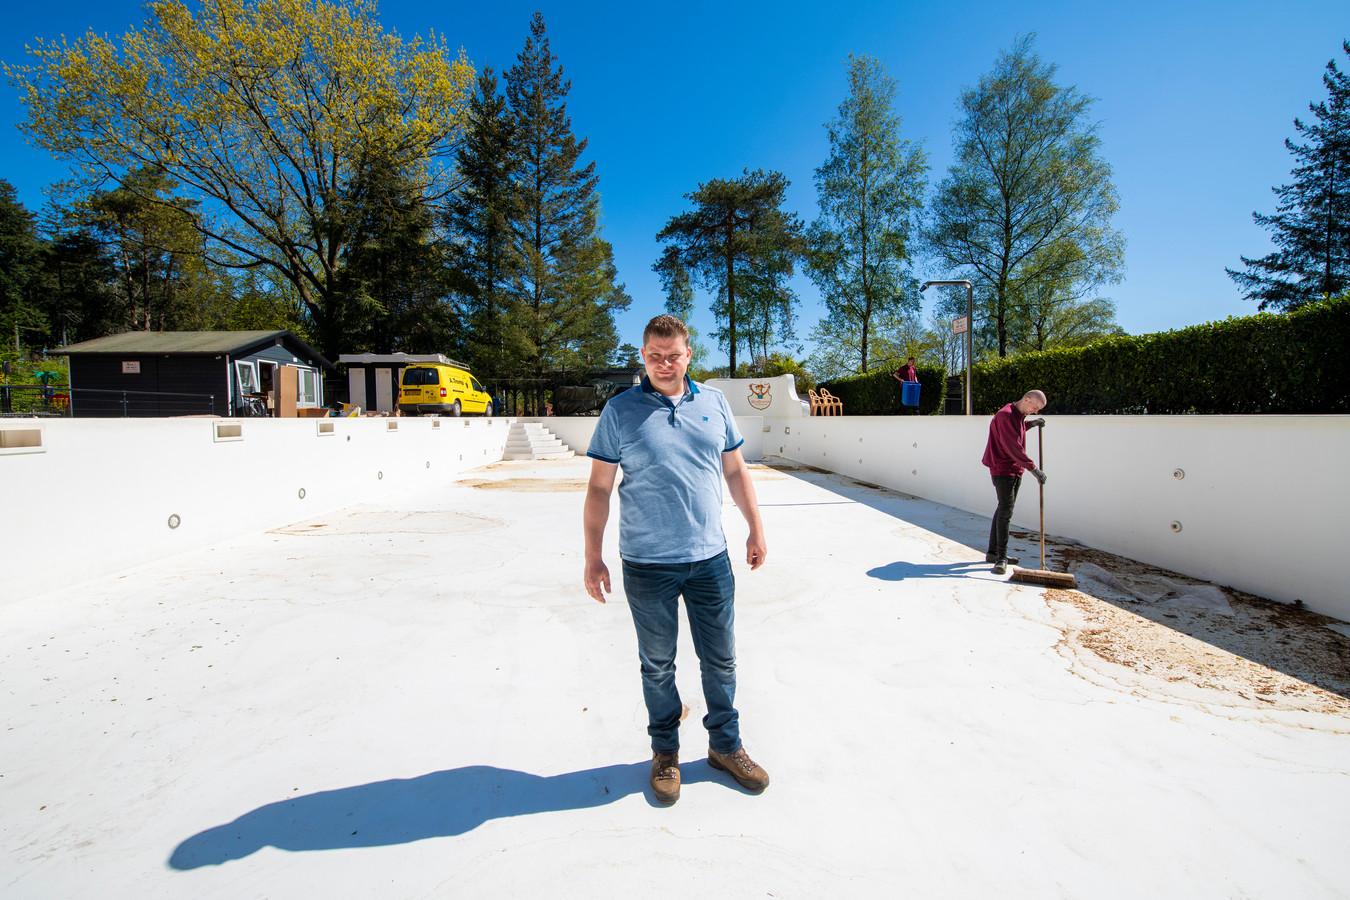 Eigenaar Bjorn Willemsen in het zwembad van camping Lierderholt in Beekbergen. In de meivakantie blijft het park - ANWB-camping van het jaar 2020 - nagenoeg leeg. Hij hoopt deze zomer wel open te kunnen.